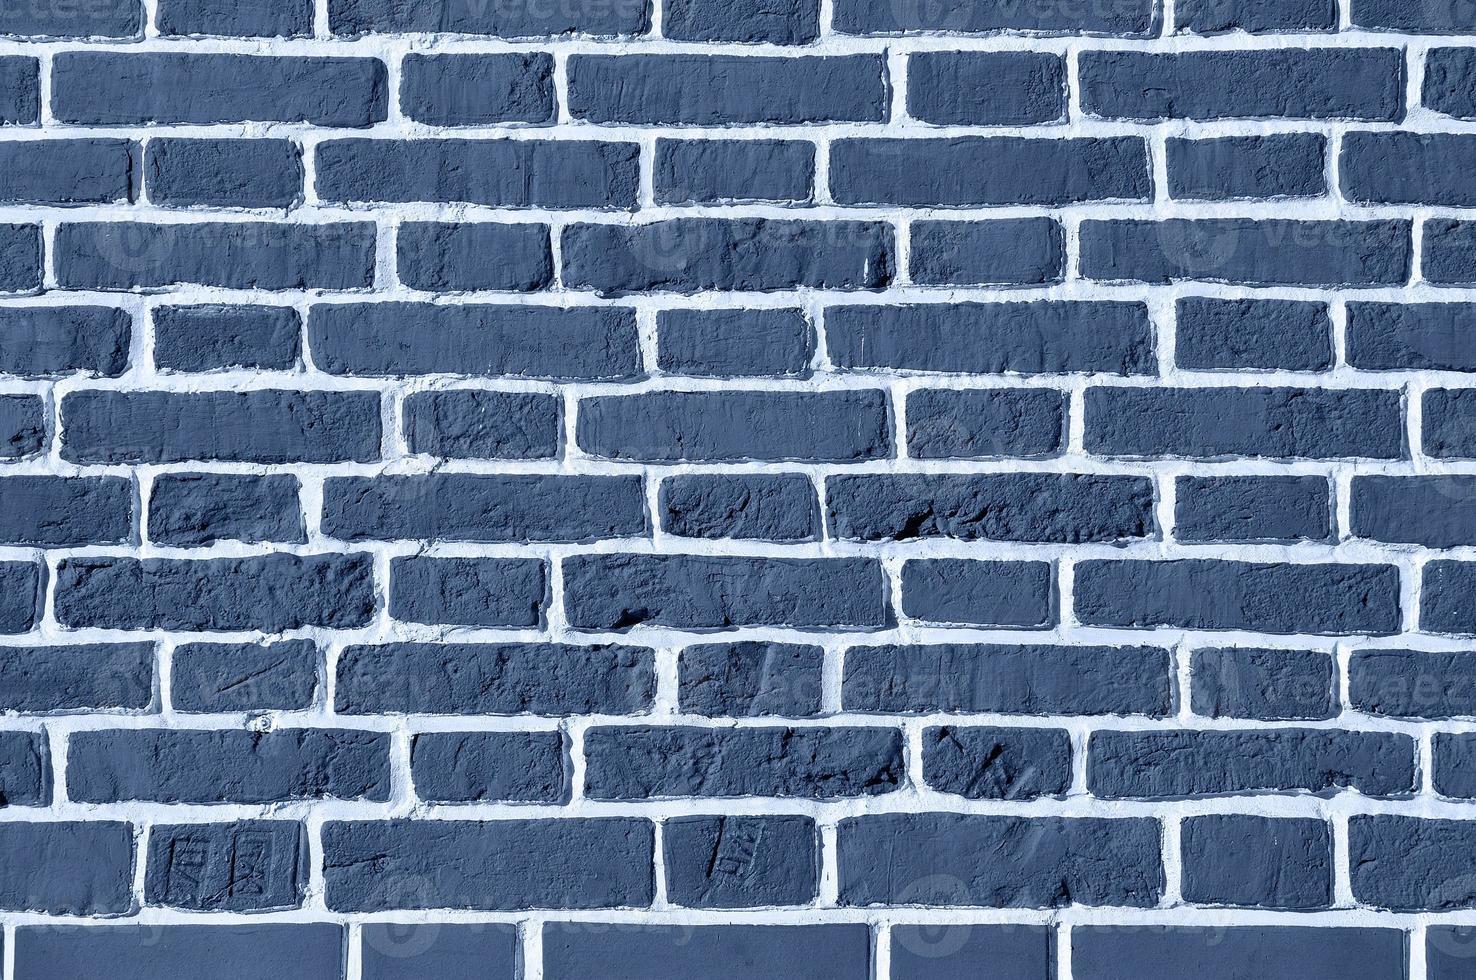 briques bleues photo